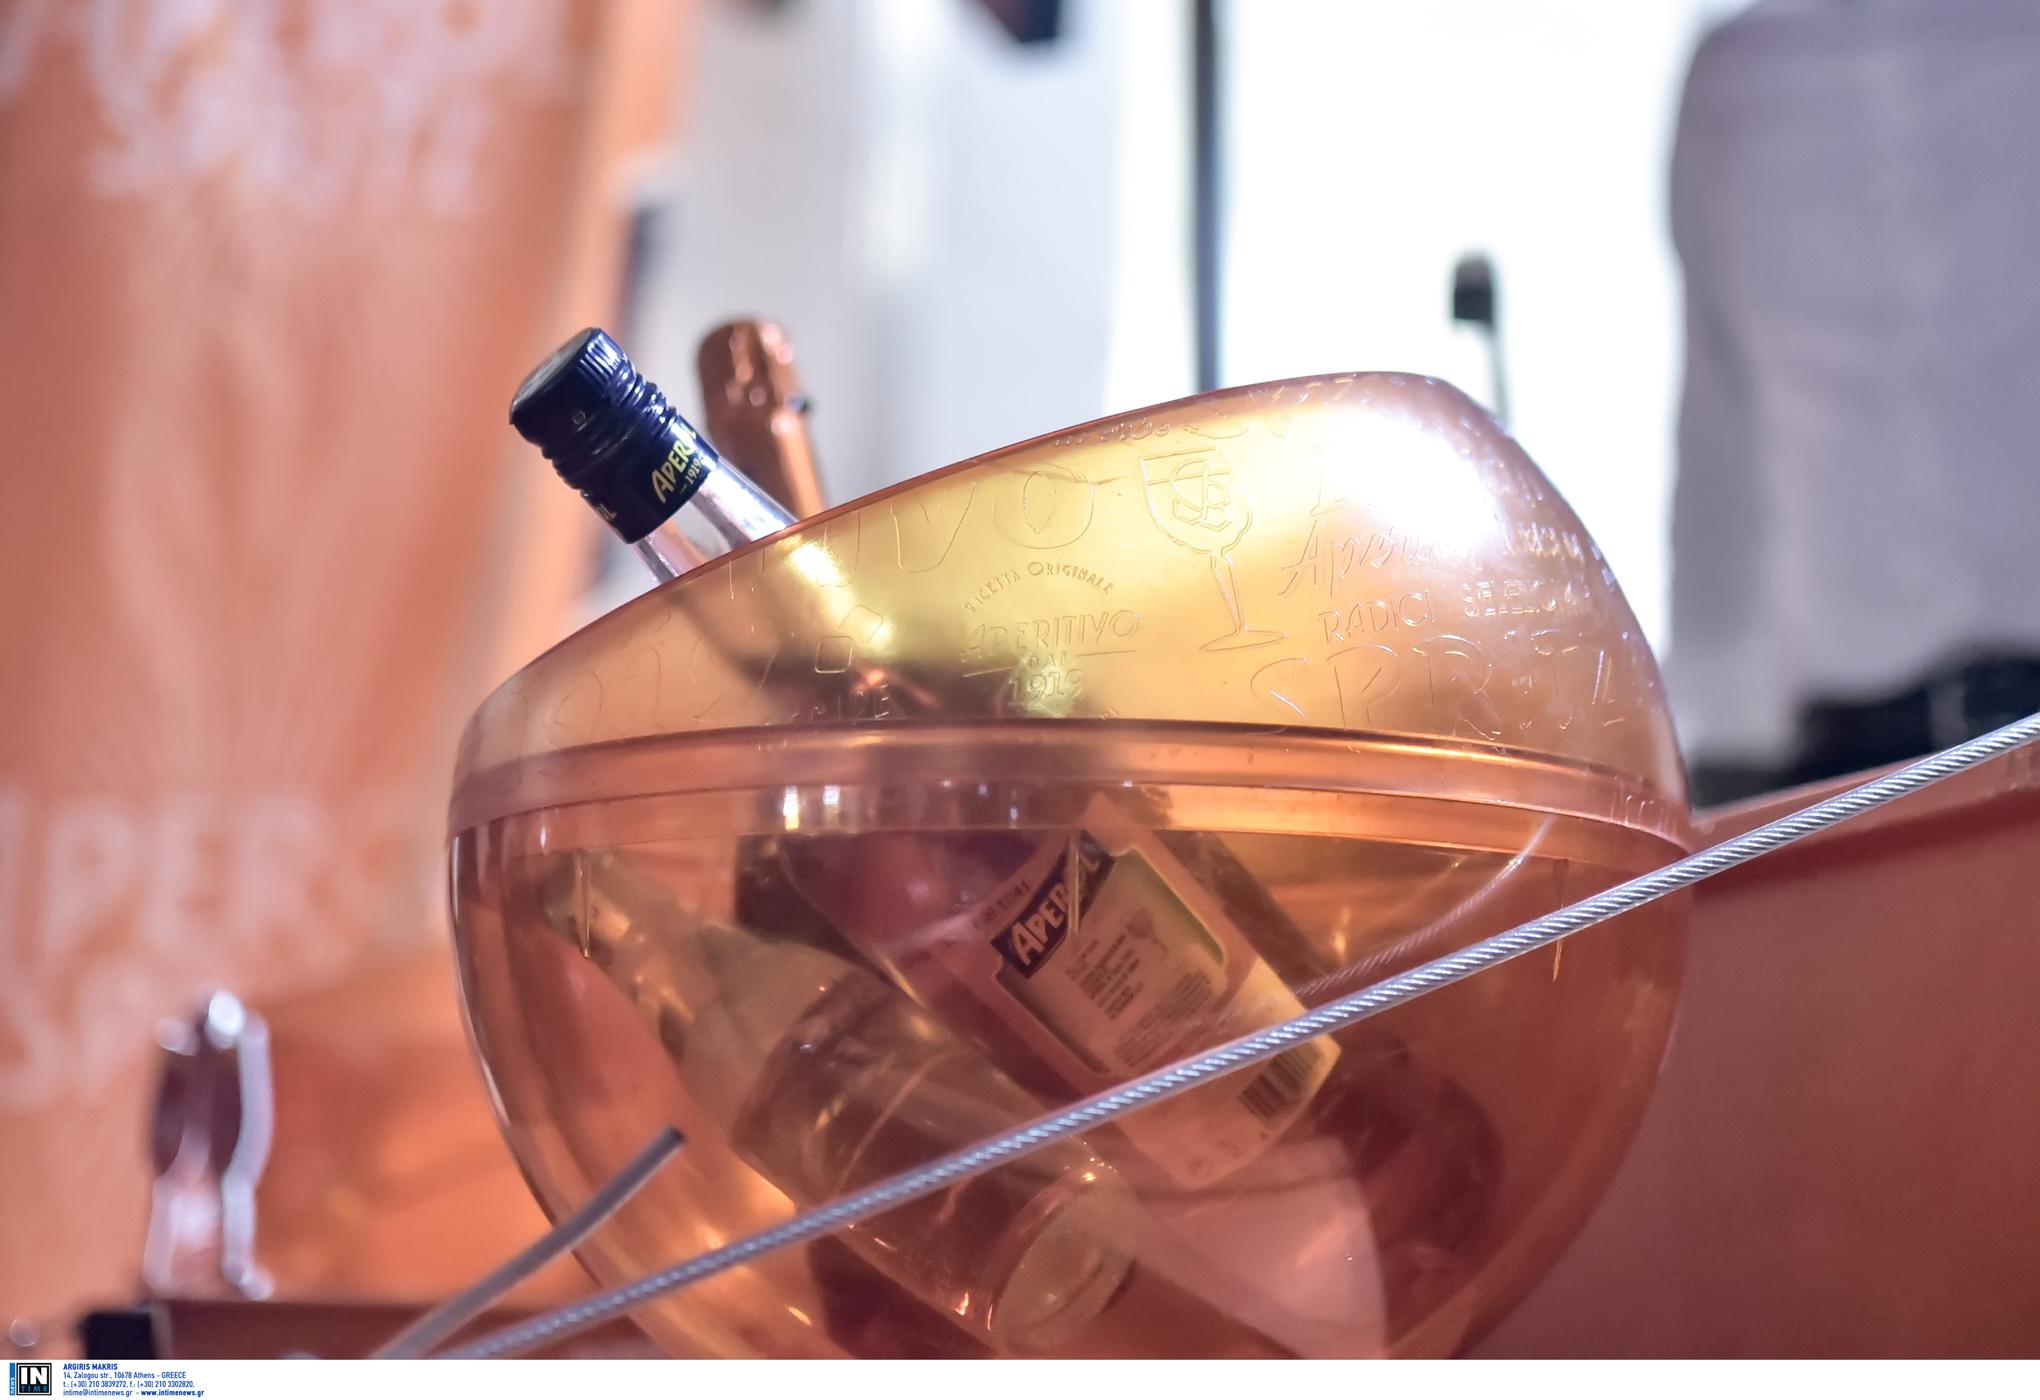 Η πανδημία «έπληξε» τον κλάδο των αλκοολούχων ποτών: Η λιανική συγκράτησε την πτώση των πωλήσεων